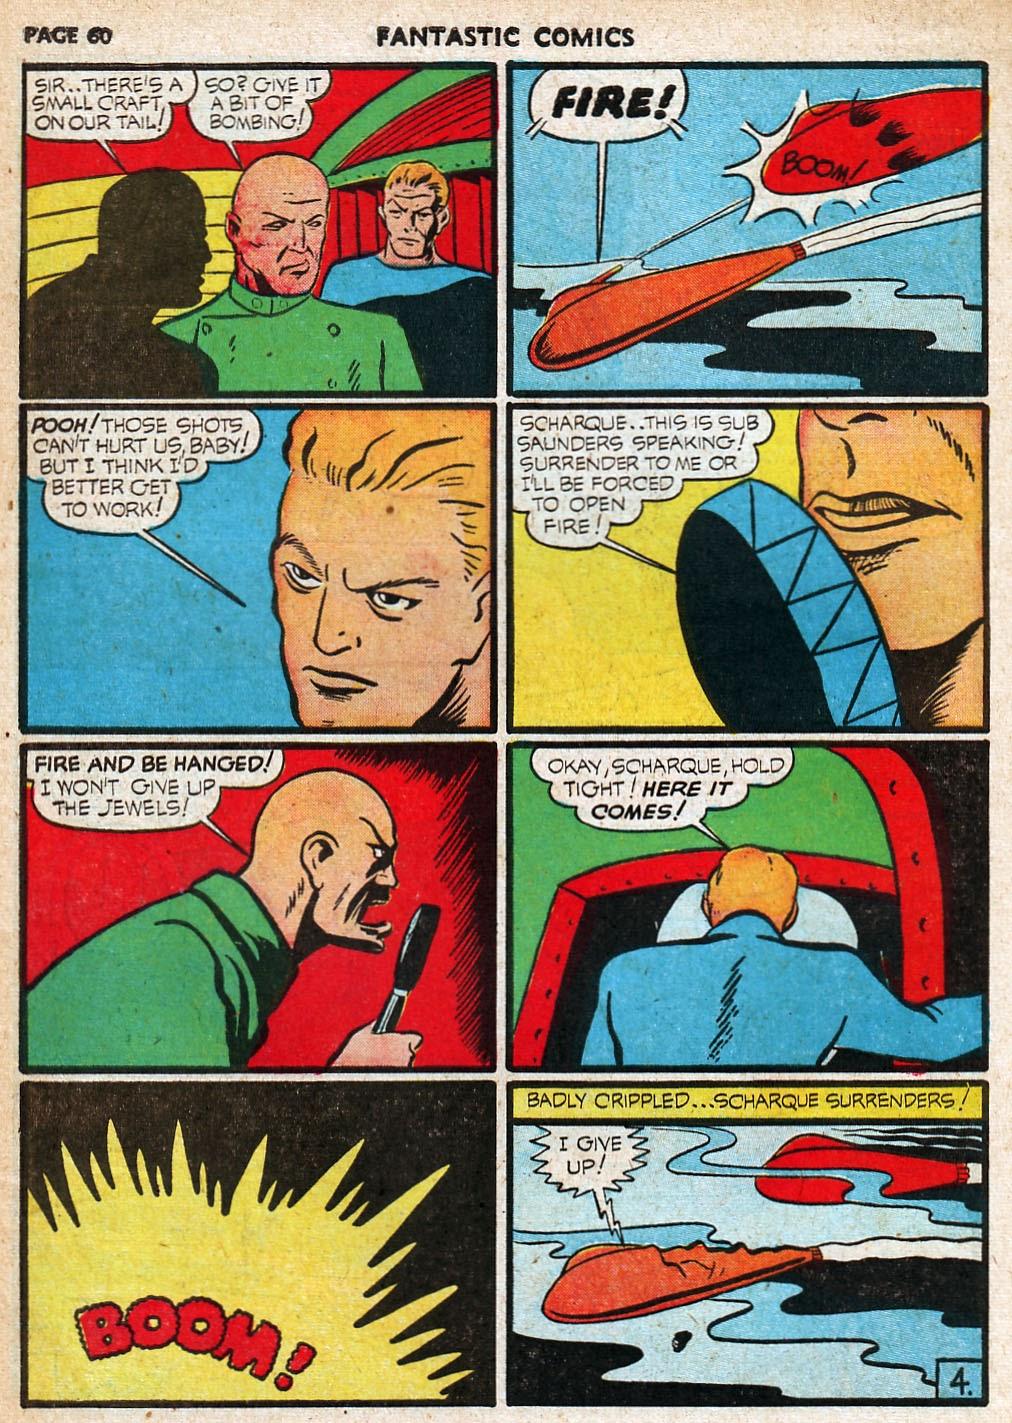 Read online Fantastic Comics comic -  Issue #20 - 60